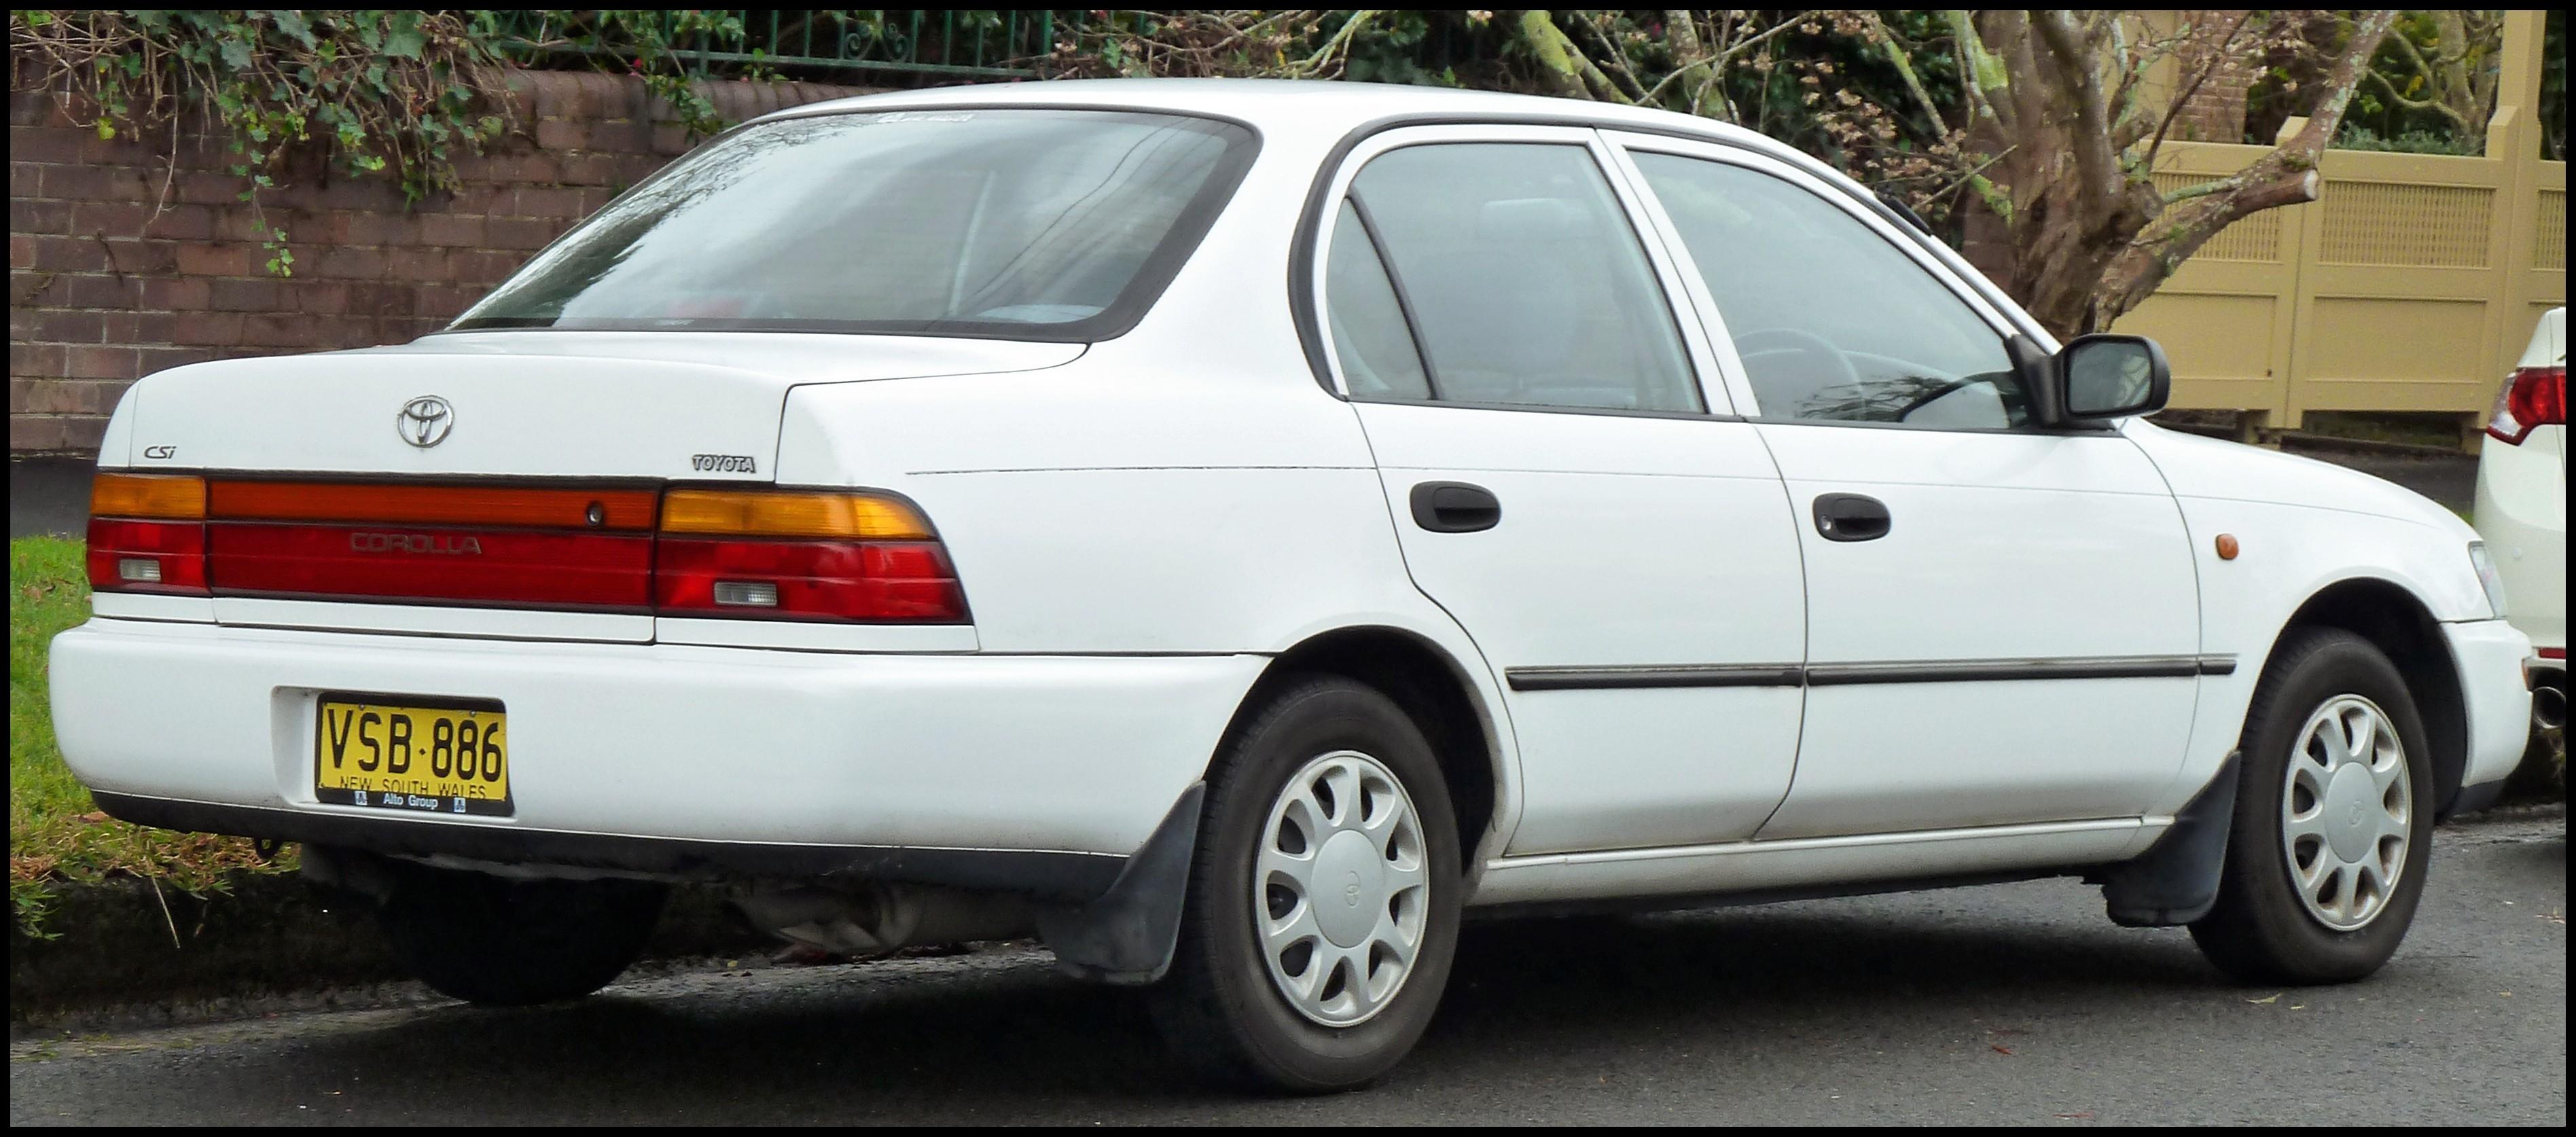 2002 toyota Corolla New toyota Corolla 2 0d In Pakistan Corolla toyota Corolla 2 0d Price